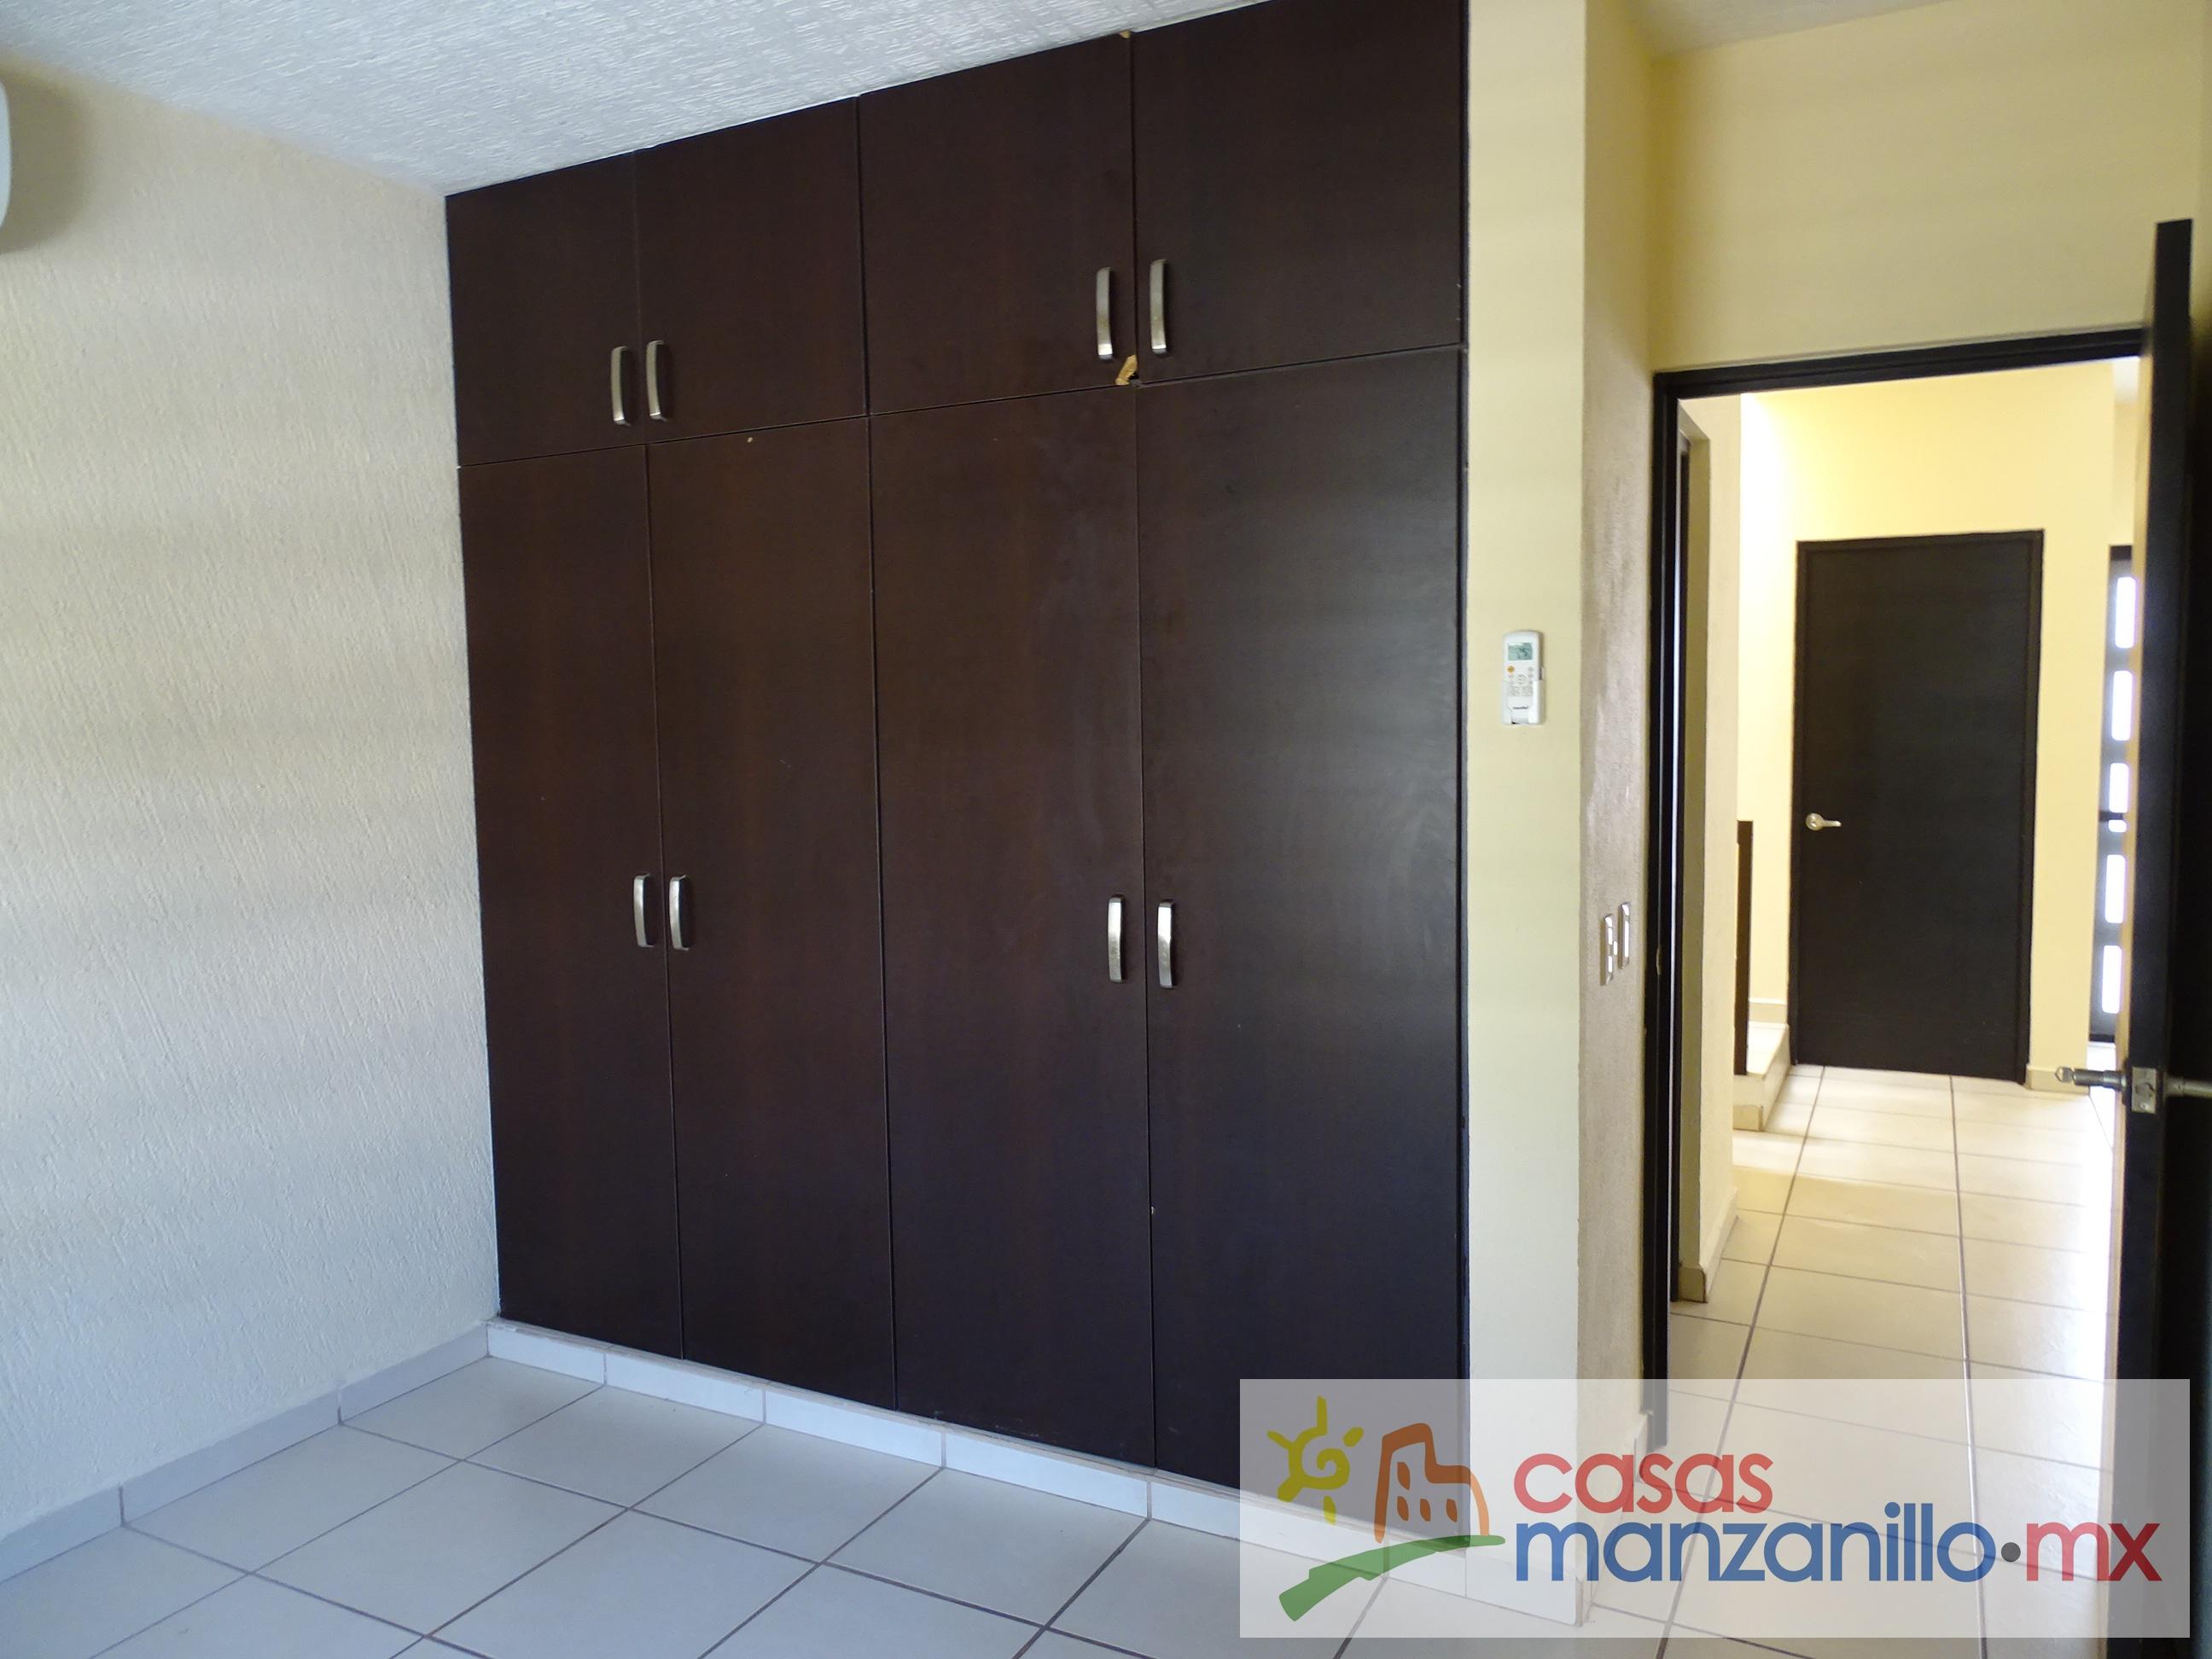 Casas RENTA Manzanillo - Almendros 3 (11